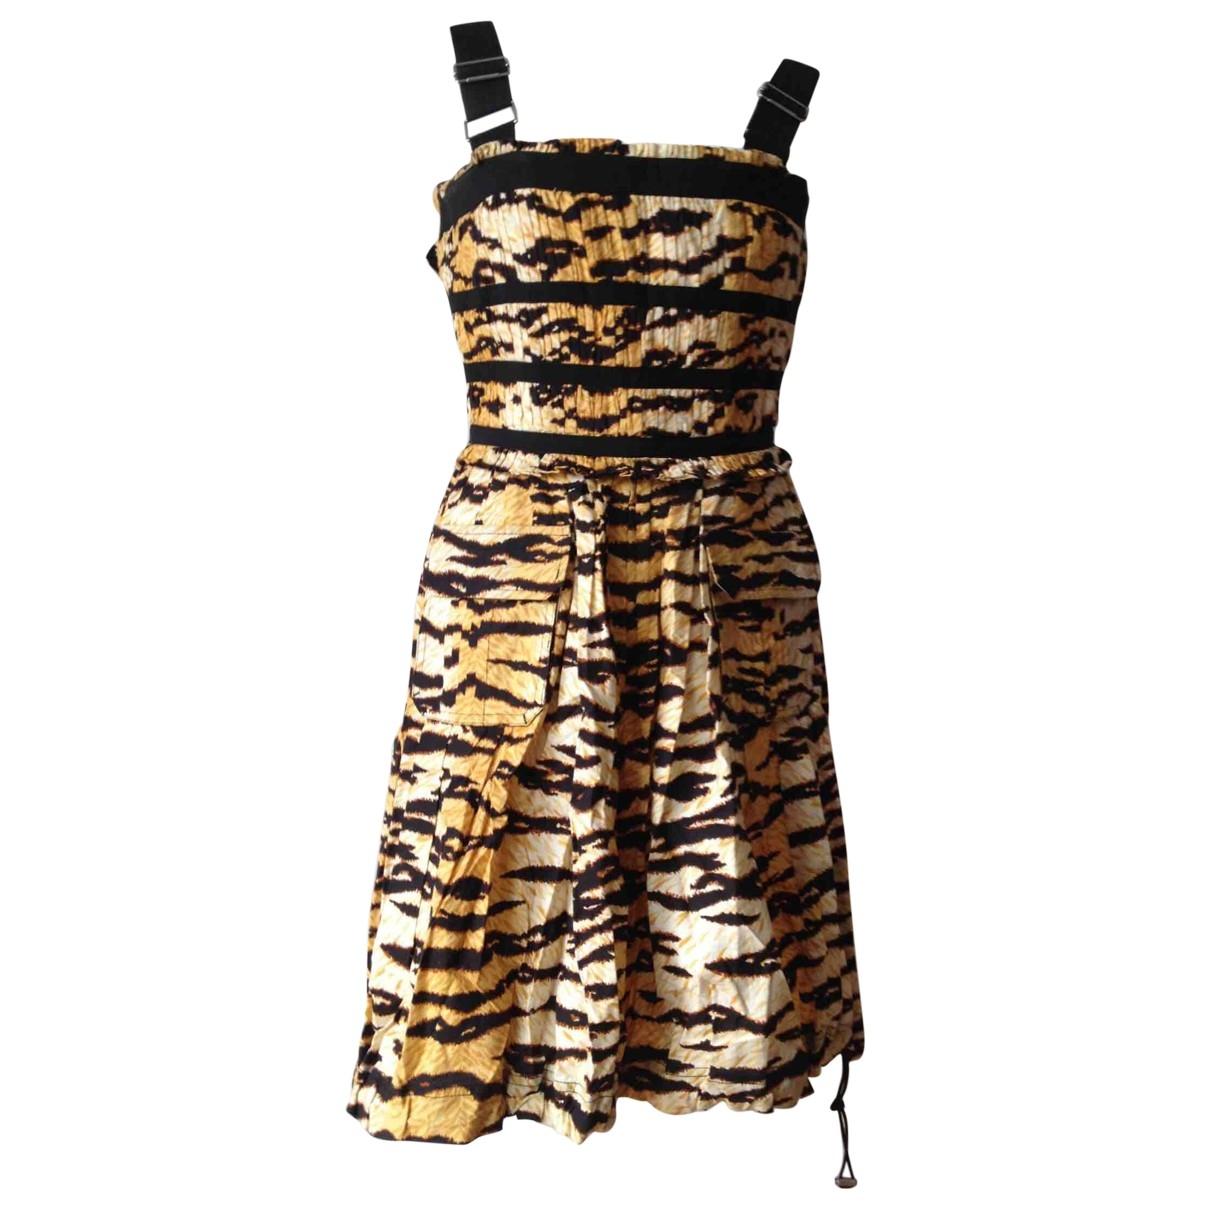 D&g \N Kleid in Baumwolle - Elasthan